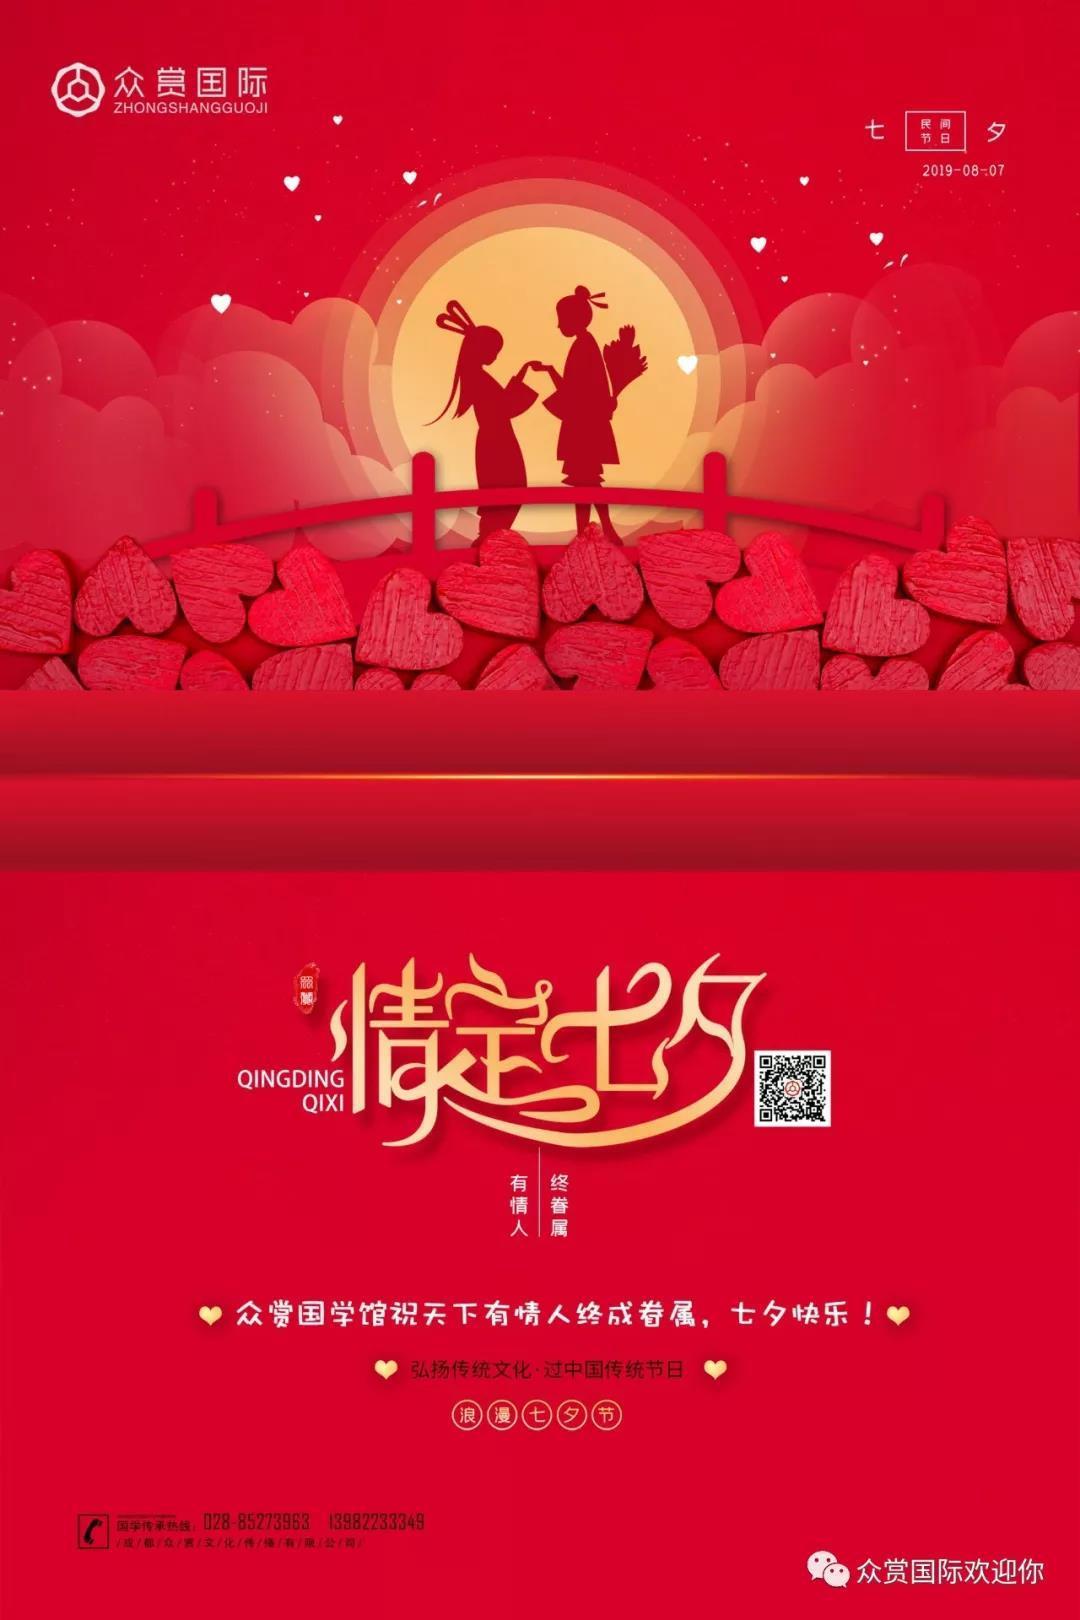 七夕,那些你不知道的节日传统!